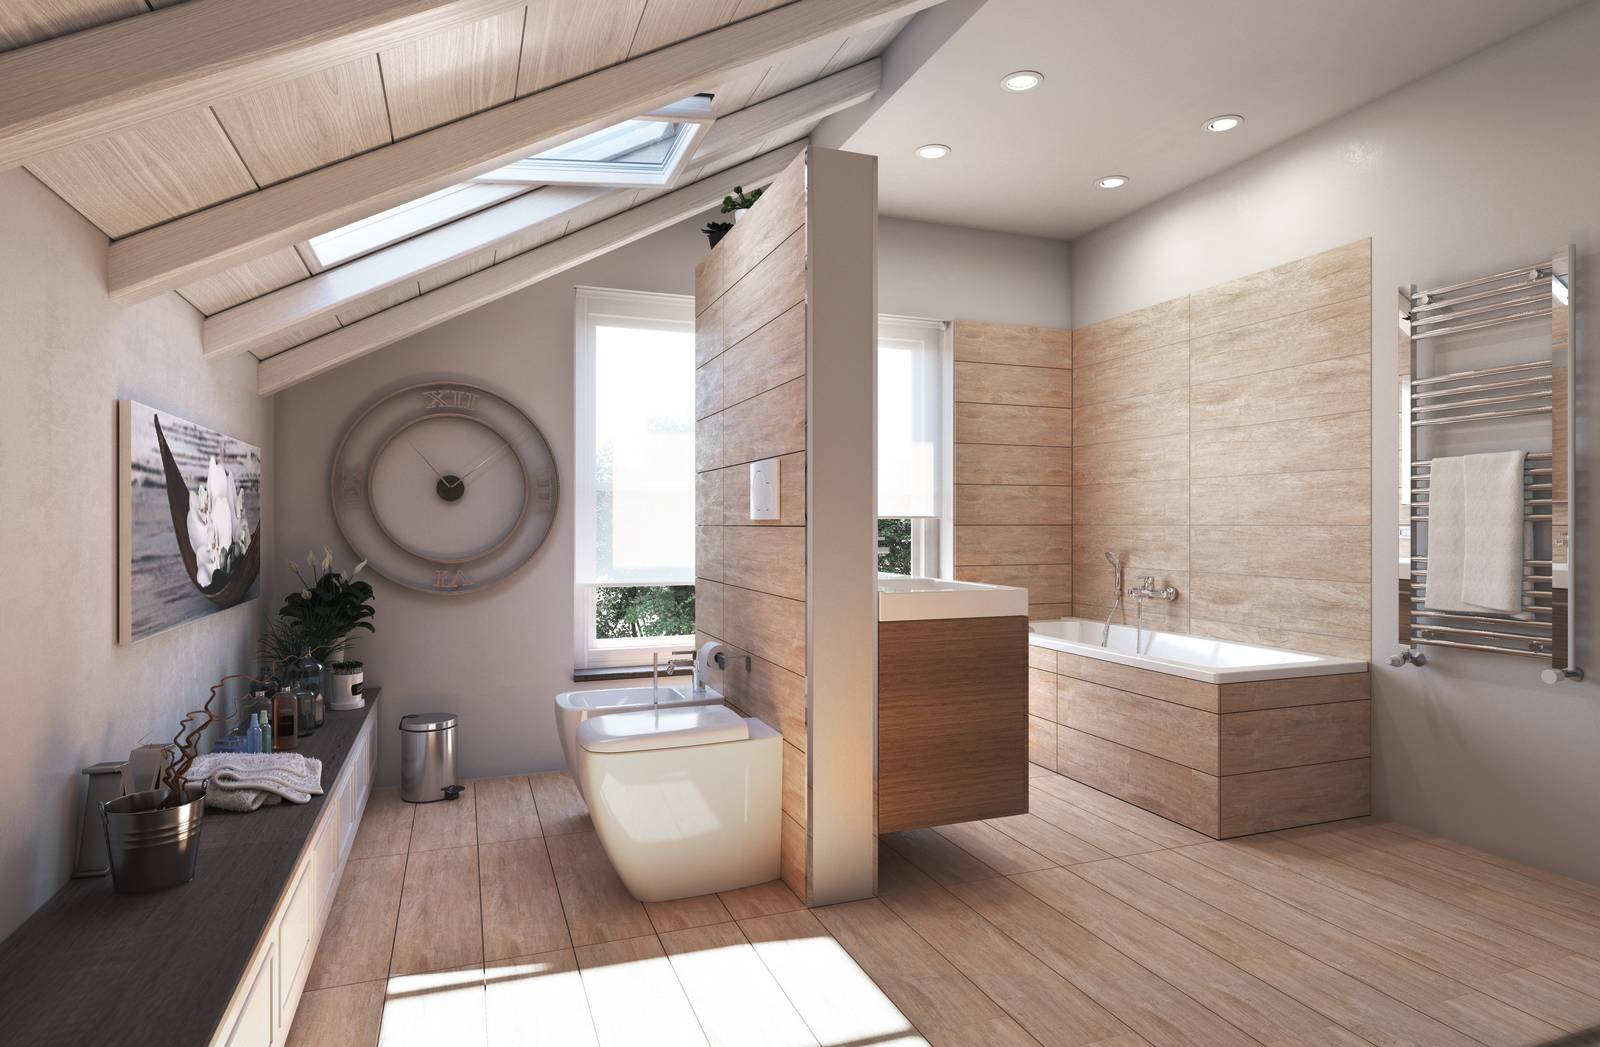 Ristrutturare il bagno in poco tempo cose di casa - Bagno di casa ...